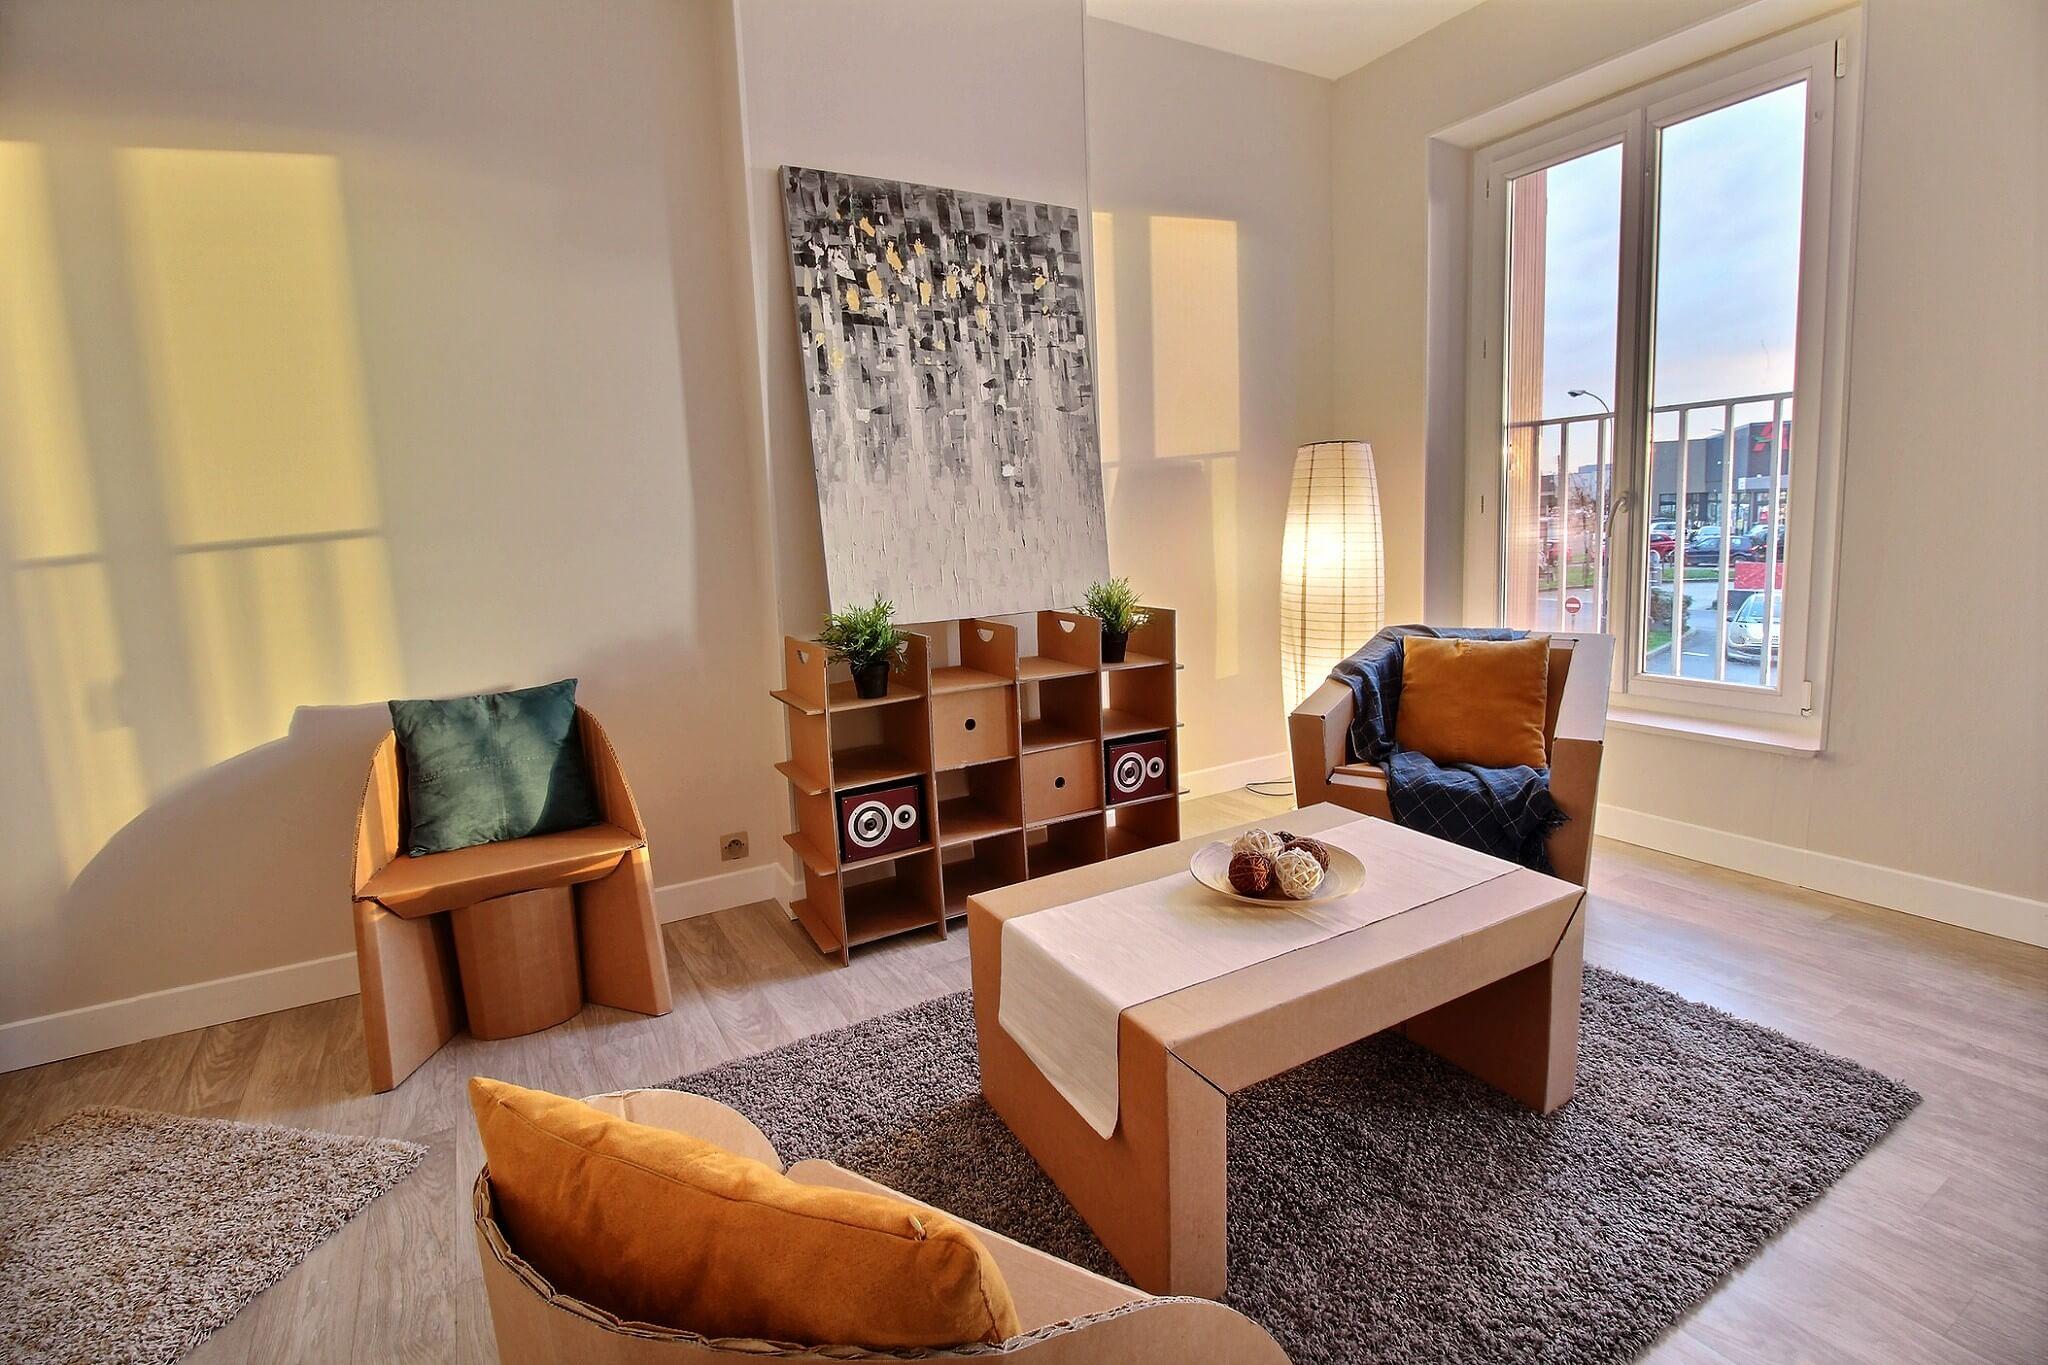 Home Staging Maisons-Laffitte réalisé par Avéo, région de Paris